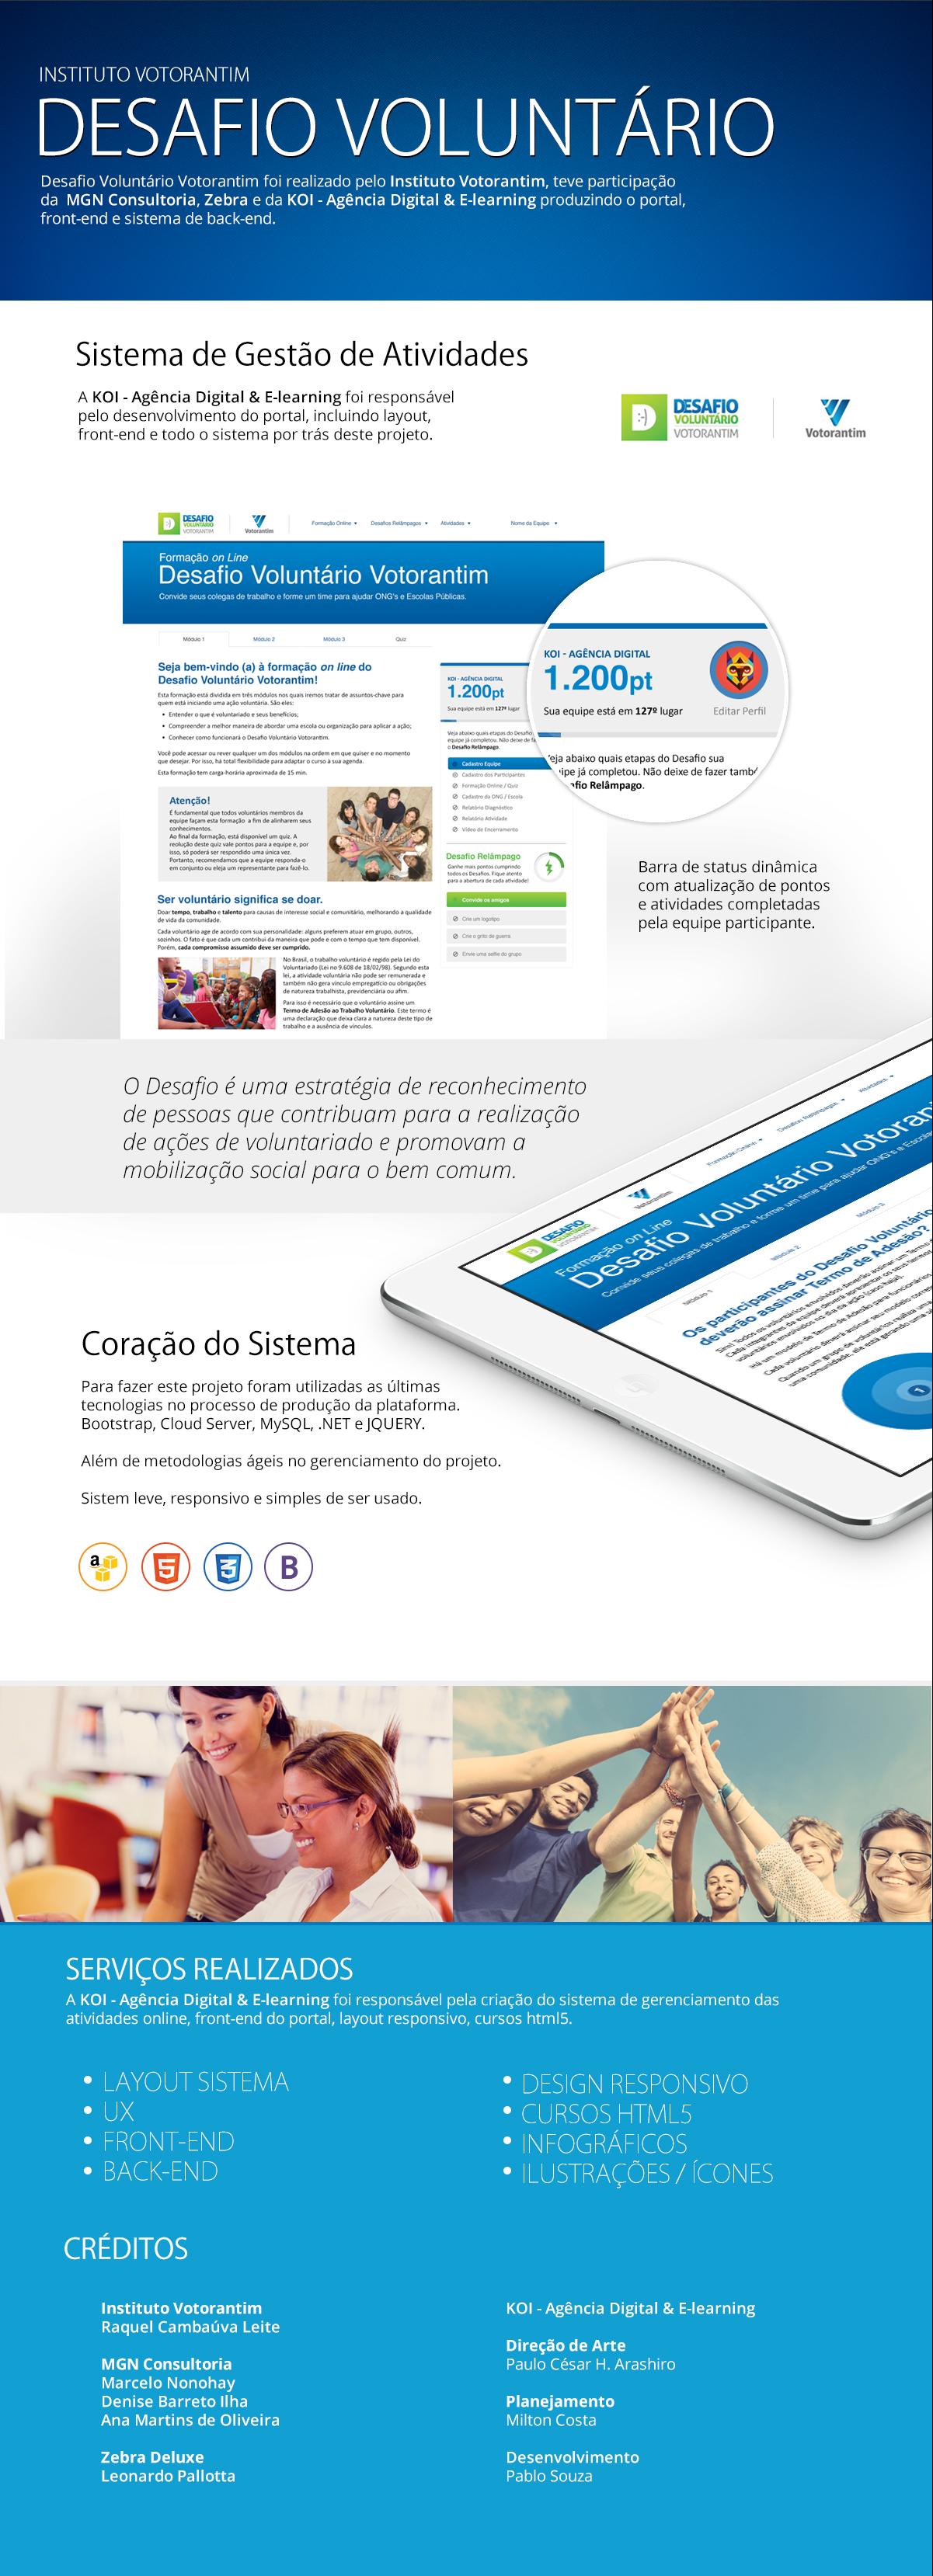 Instituto Votorantim: Desafio Voluntário. Sistema de Internet